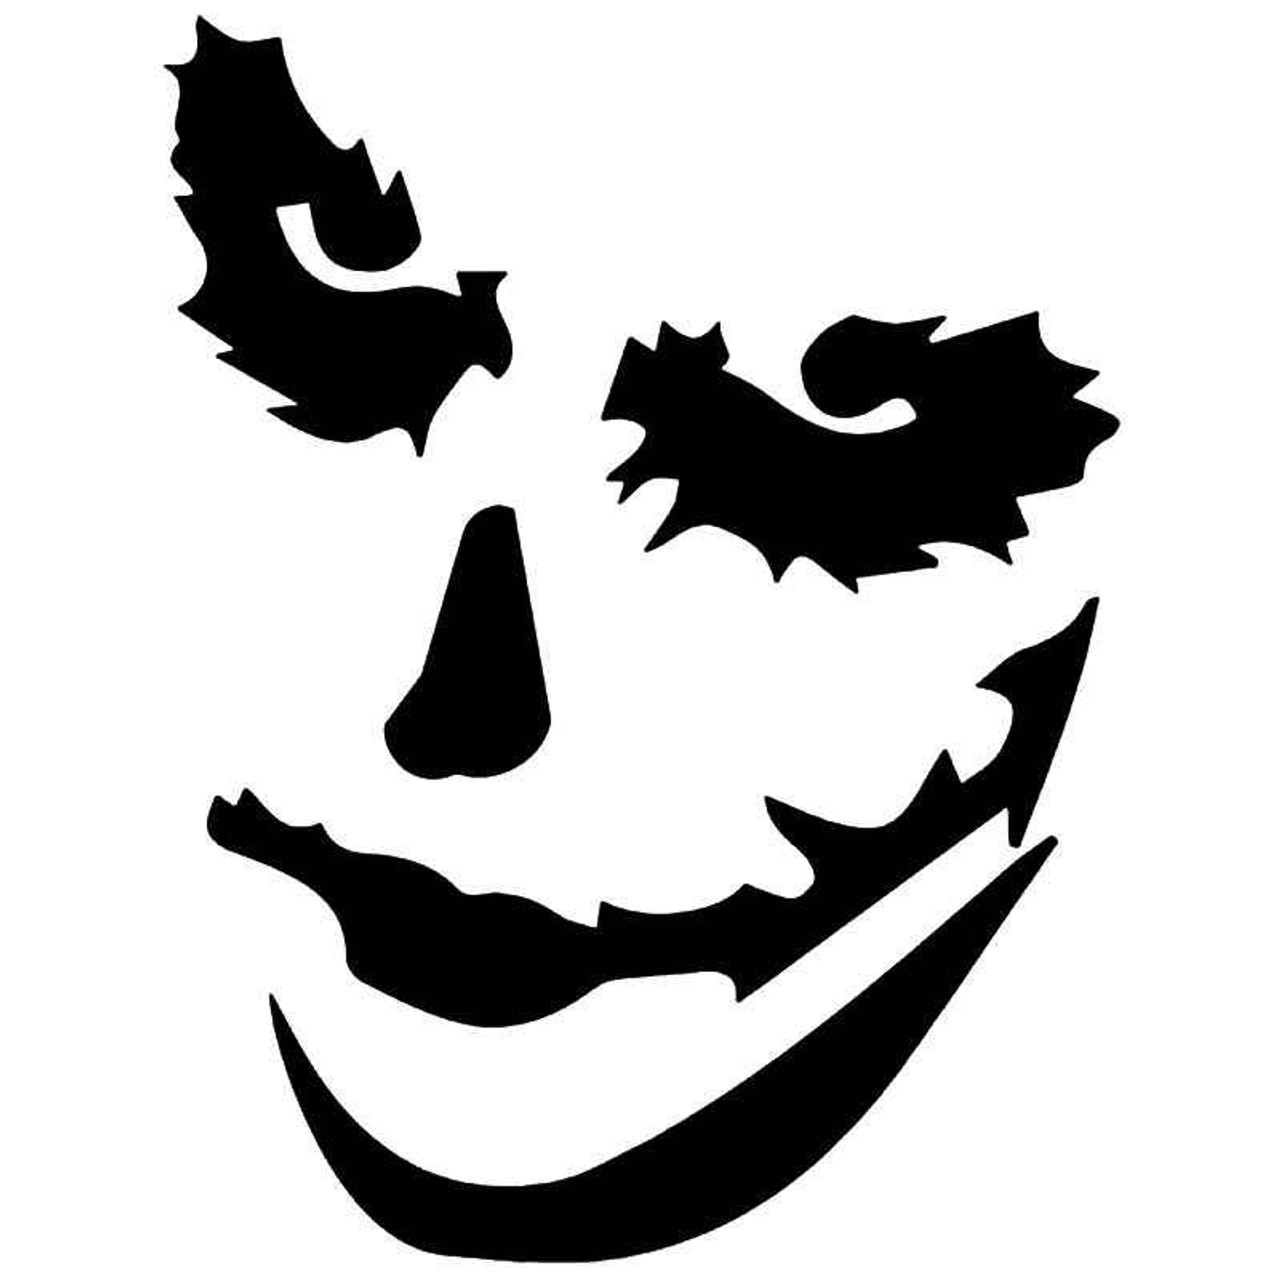 The joker face mask 1 vinyl sticker